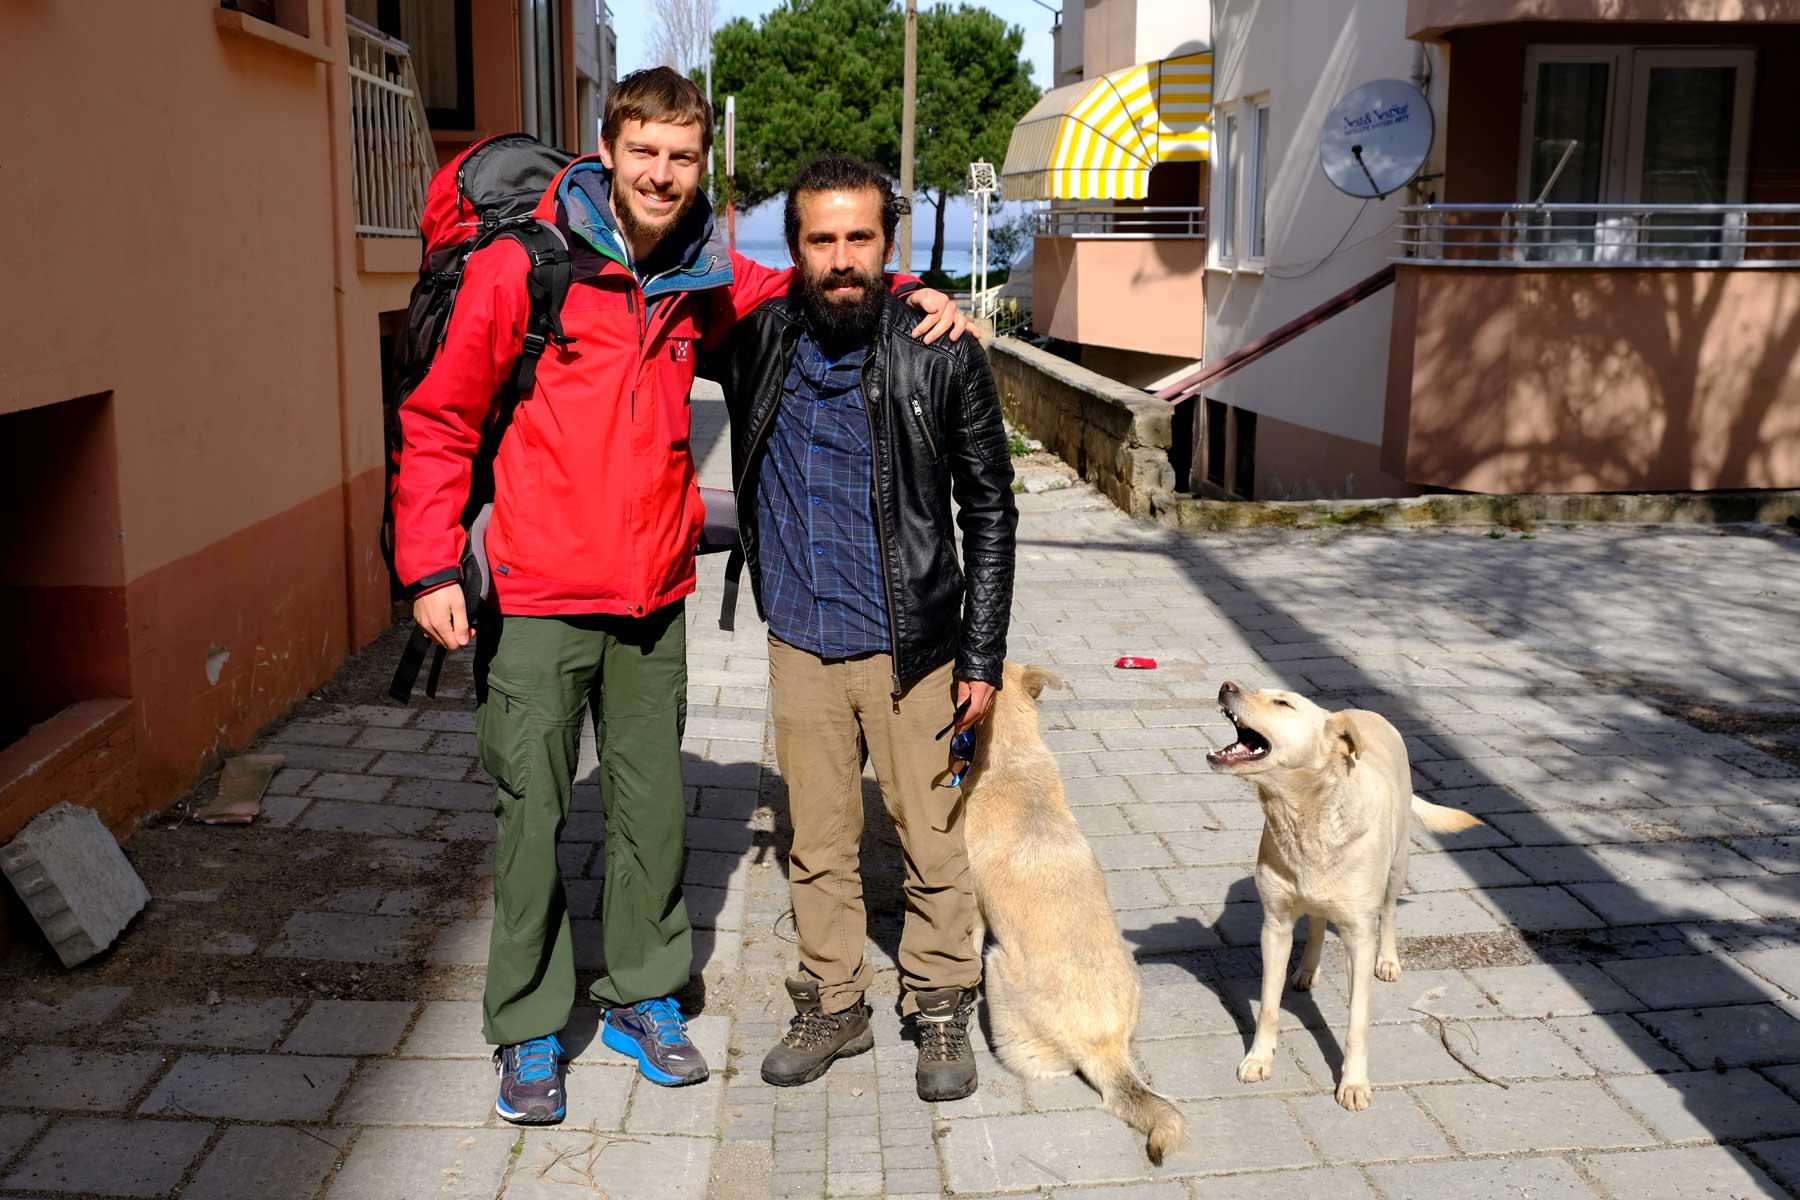 Sebastian und Muammer stehen neben zwei Hunden